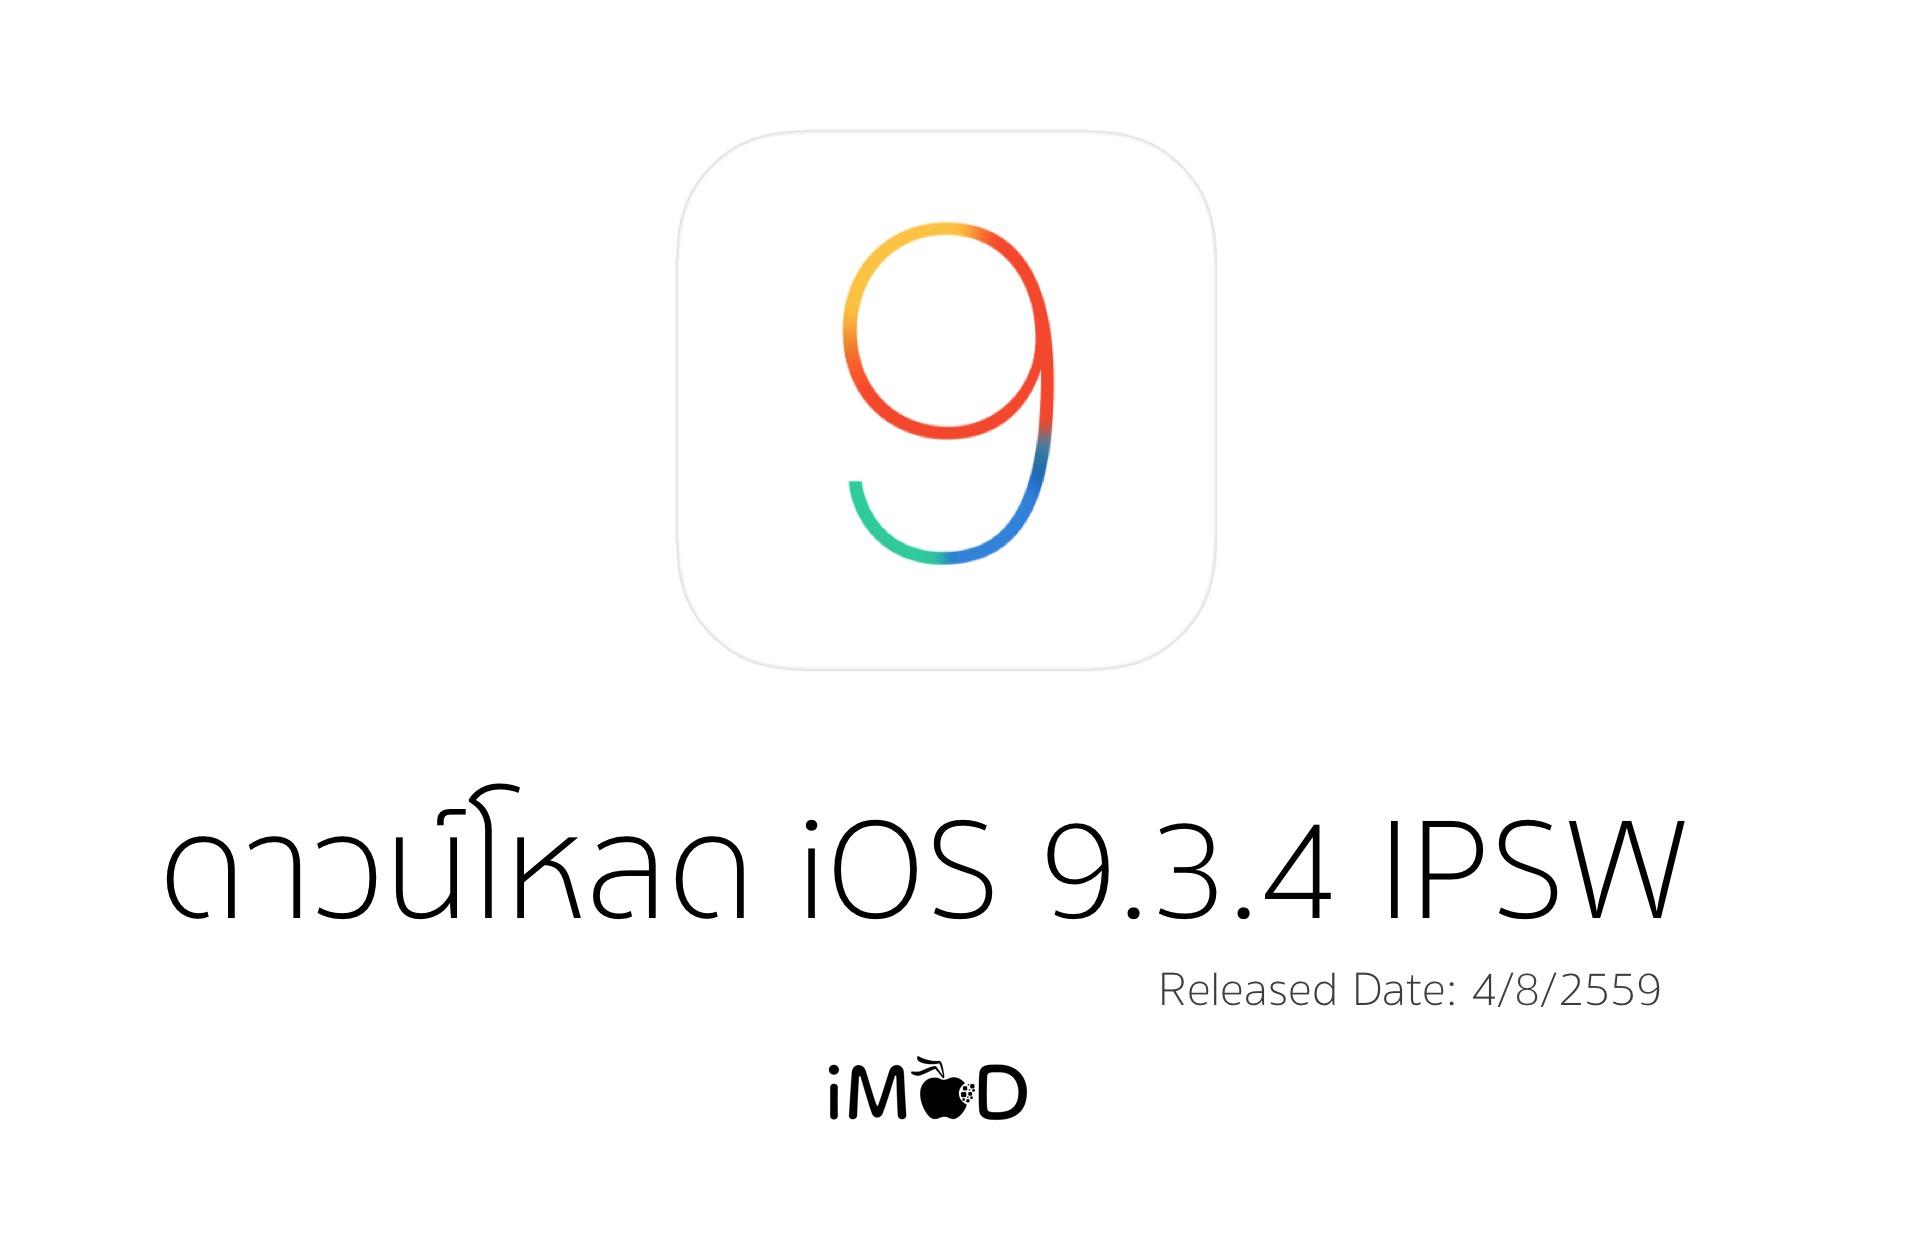 iOS 9.3.4 IPSW